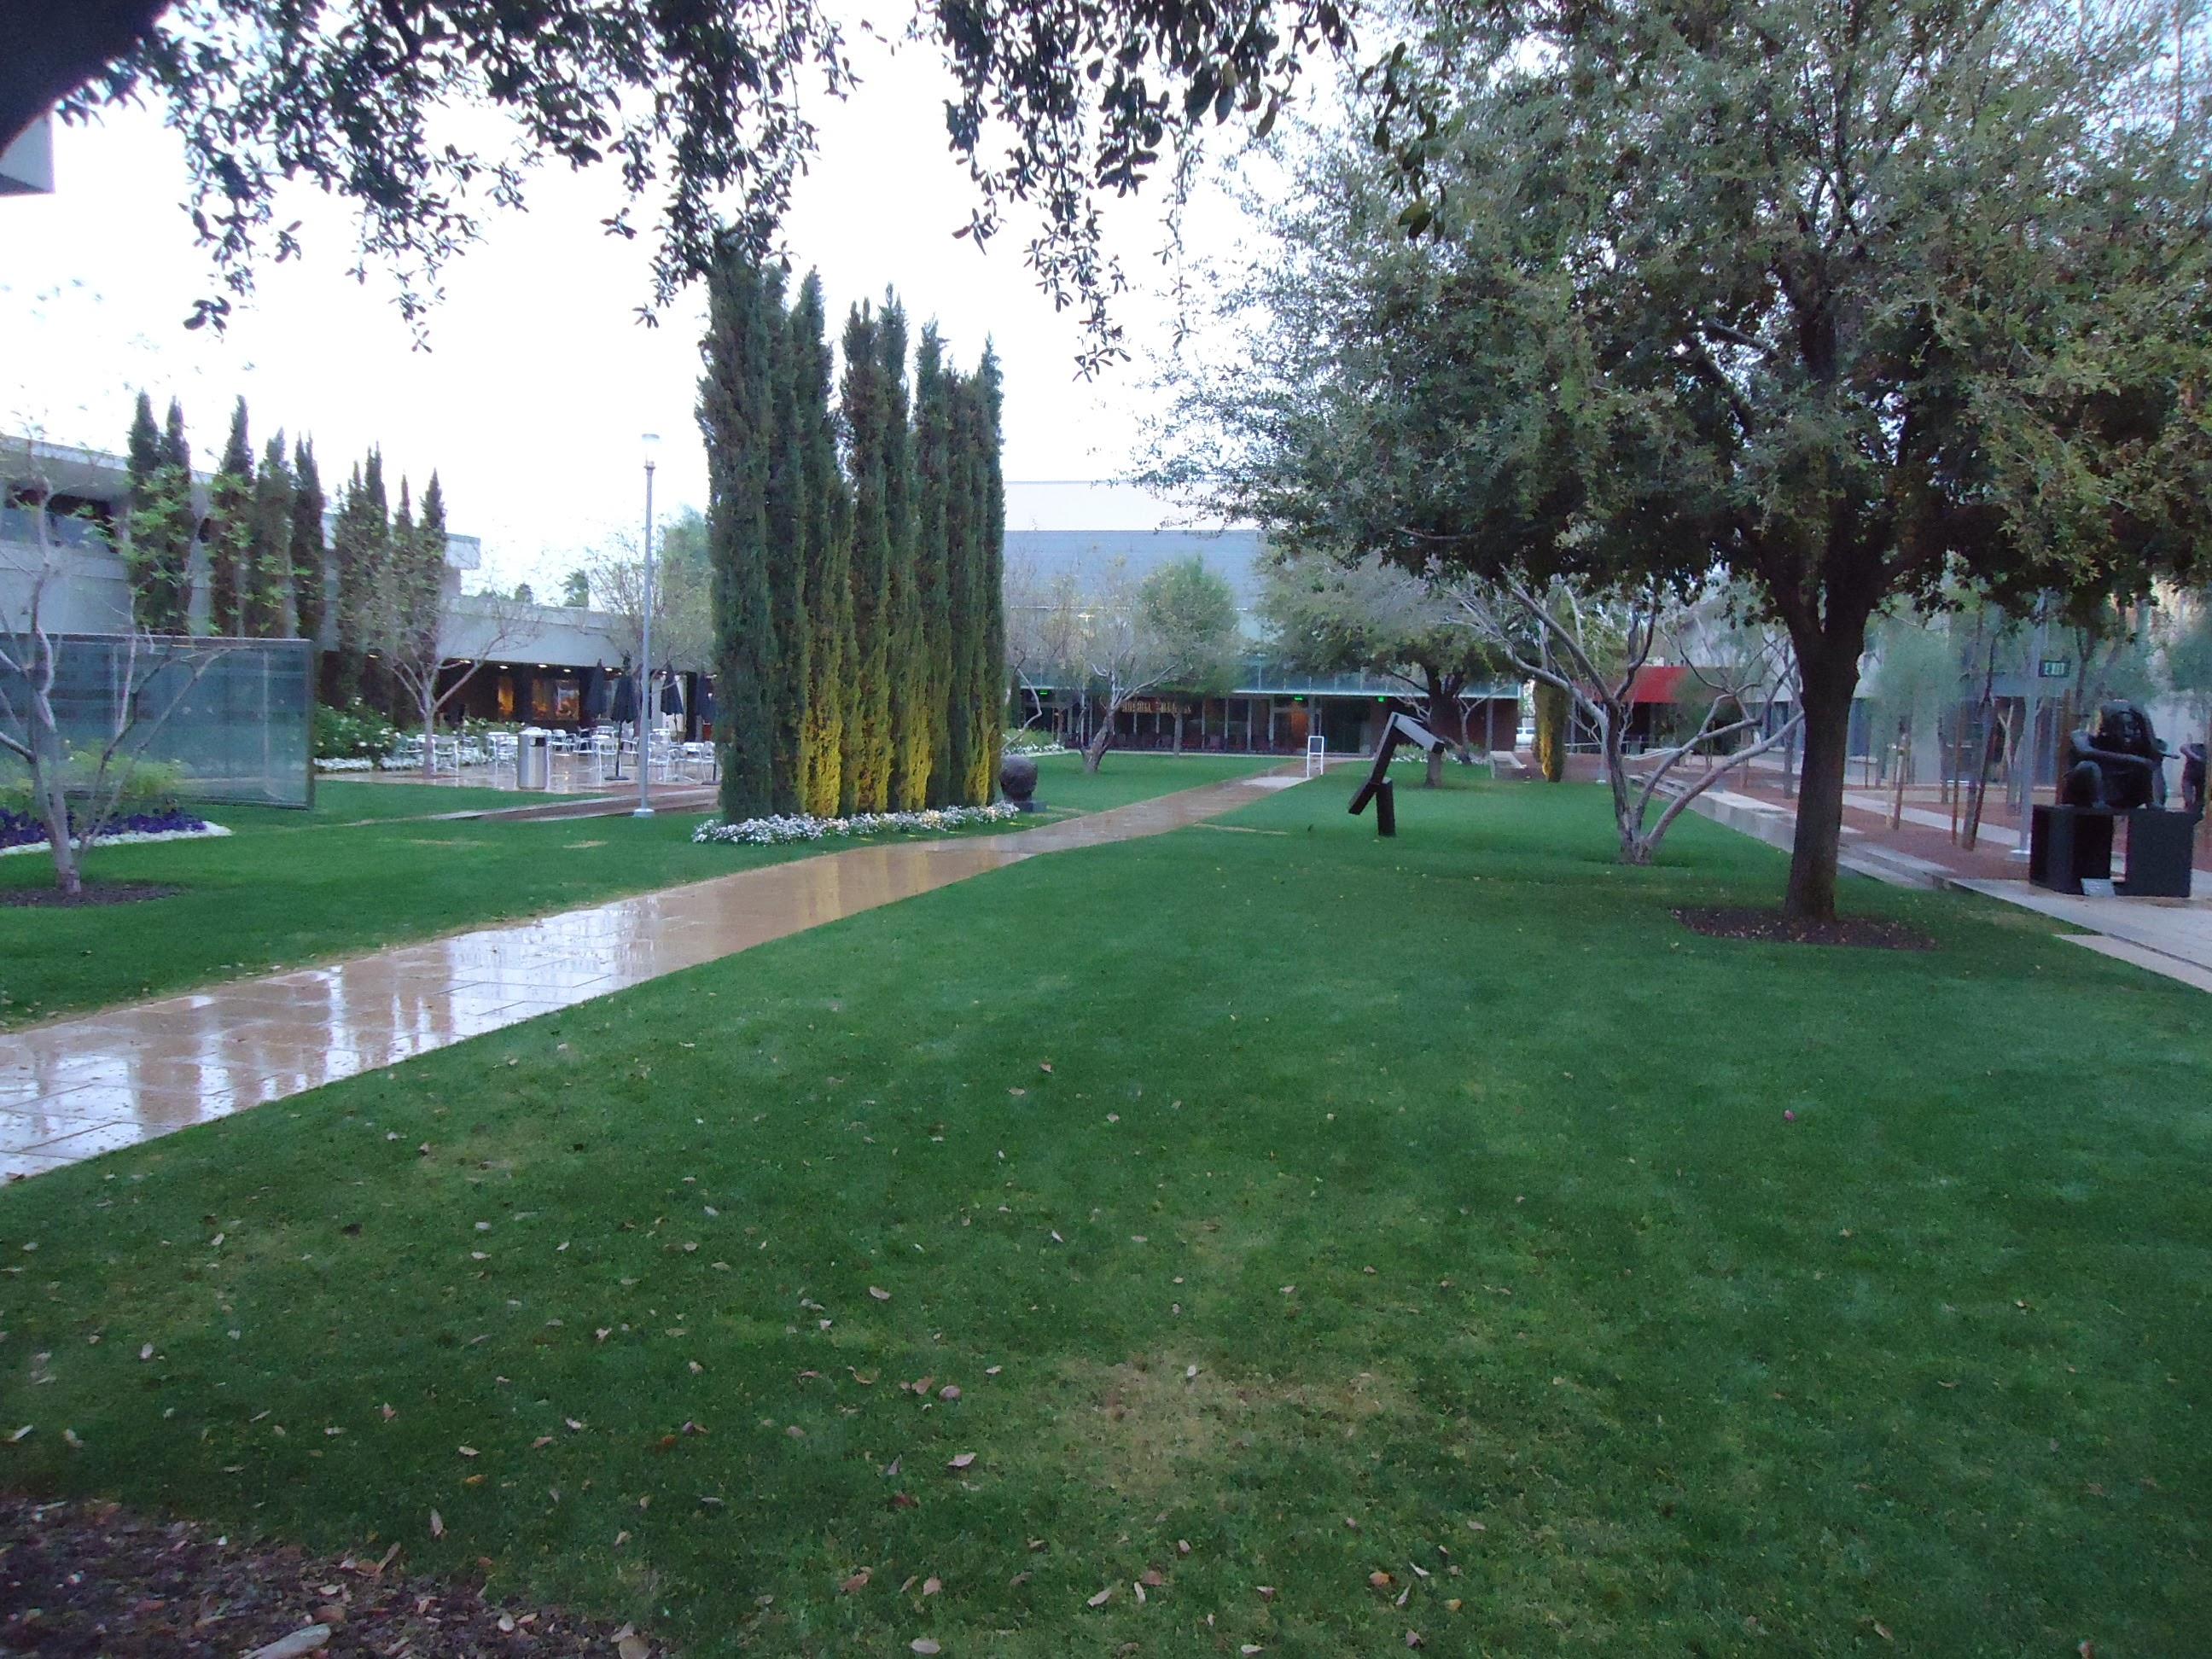 File:View Of Phoenix Art Museum Outdoor Garden Area.JPG